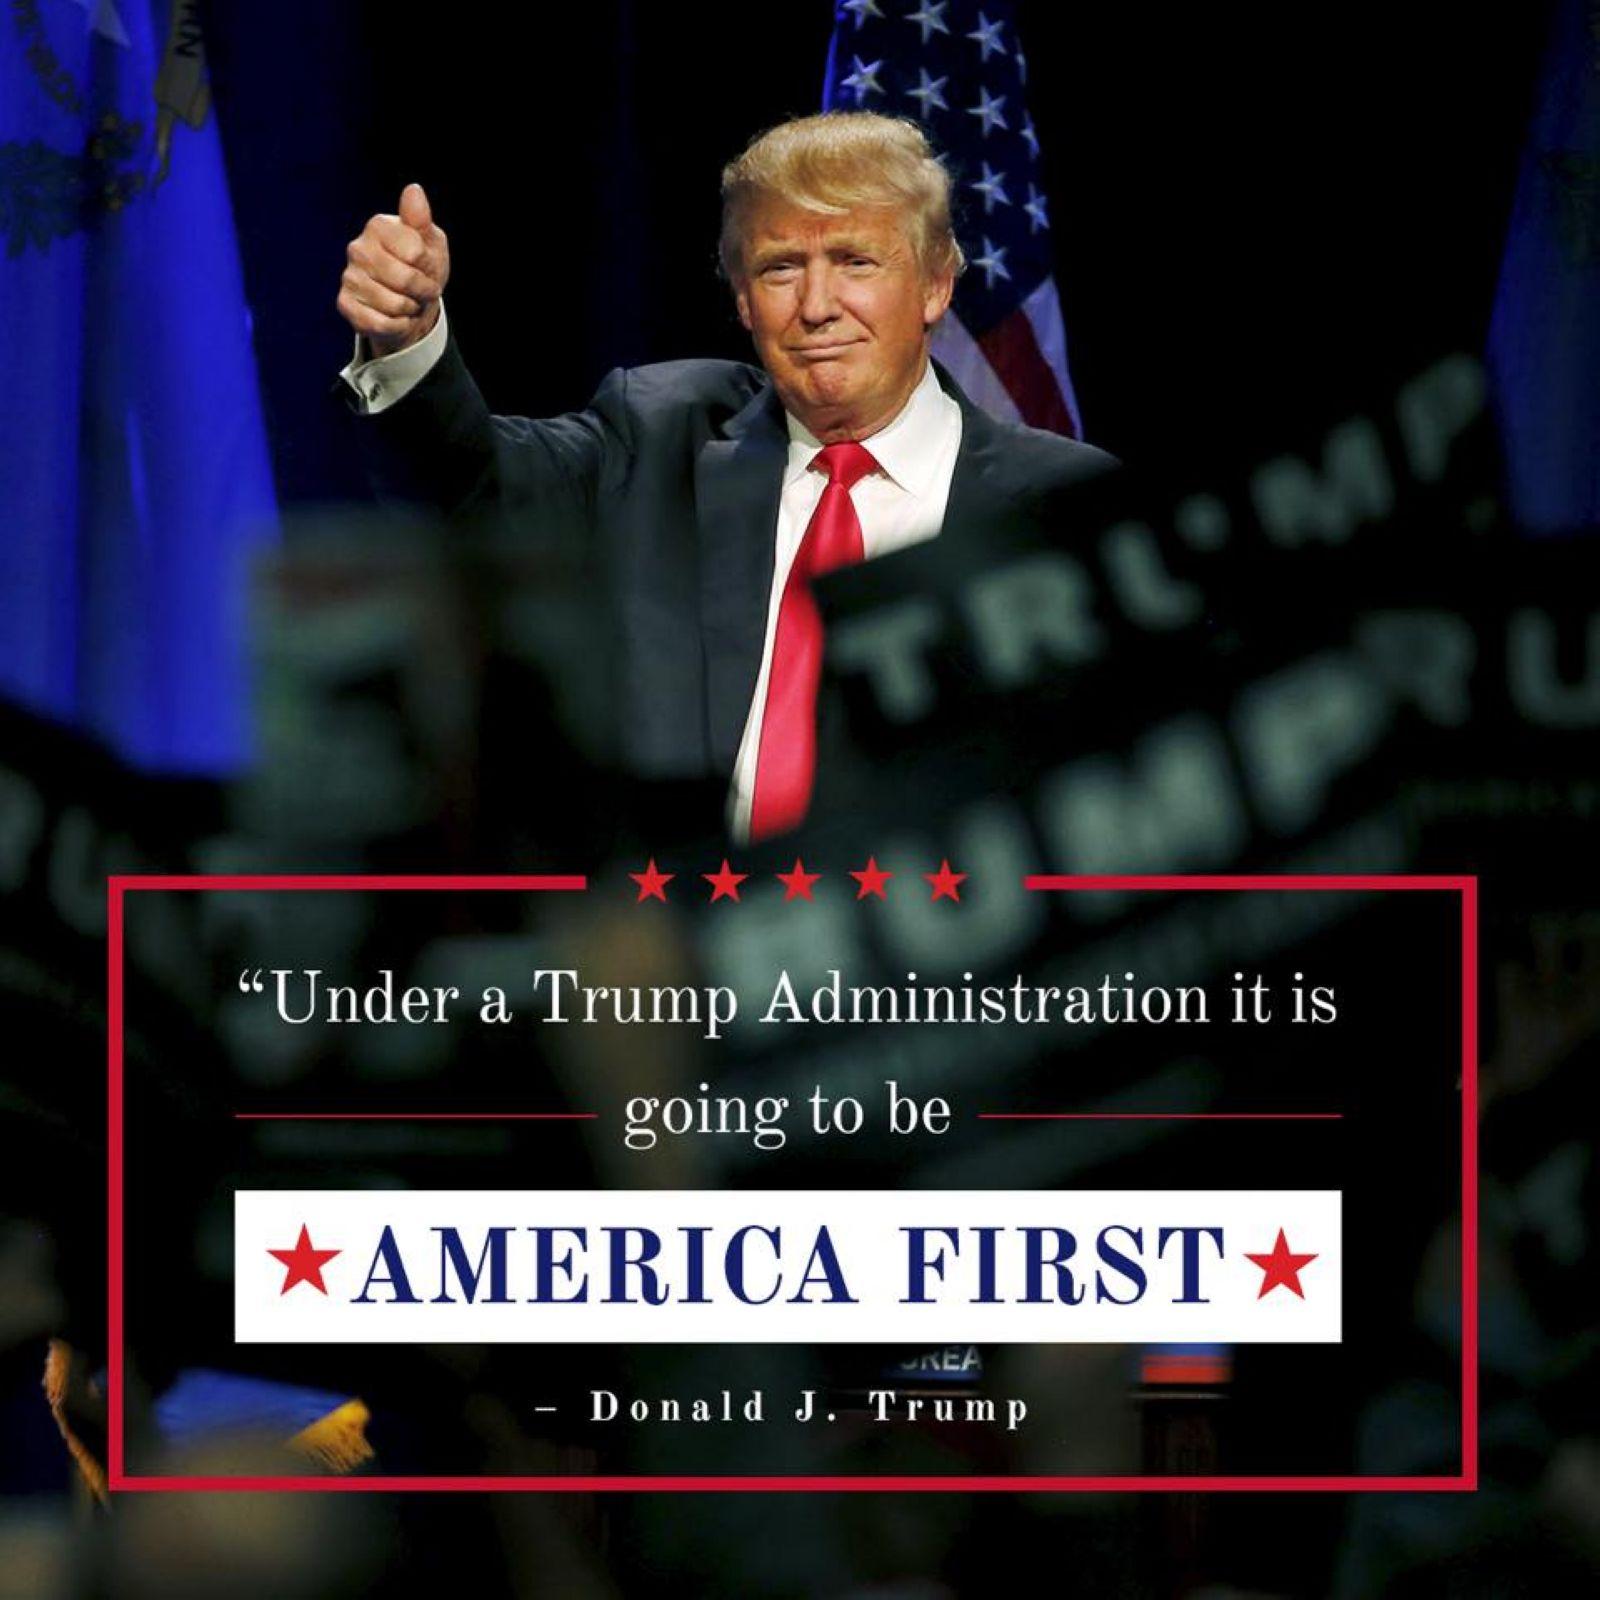 【何思慎觀點】川普的「美國第一」解構美日韓同盟體系